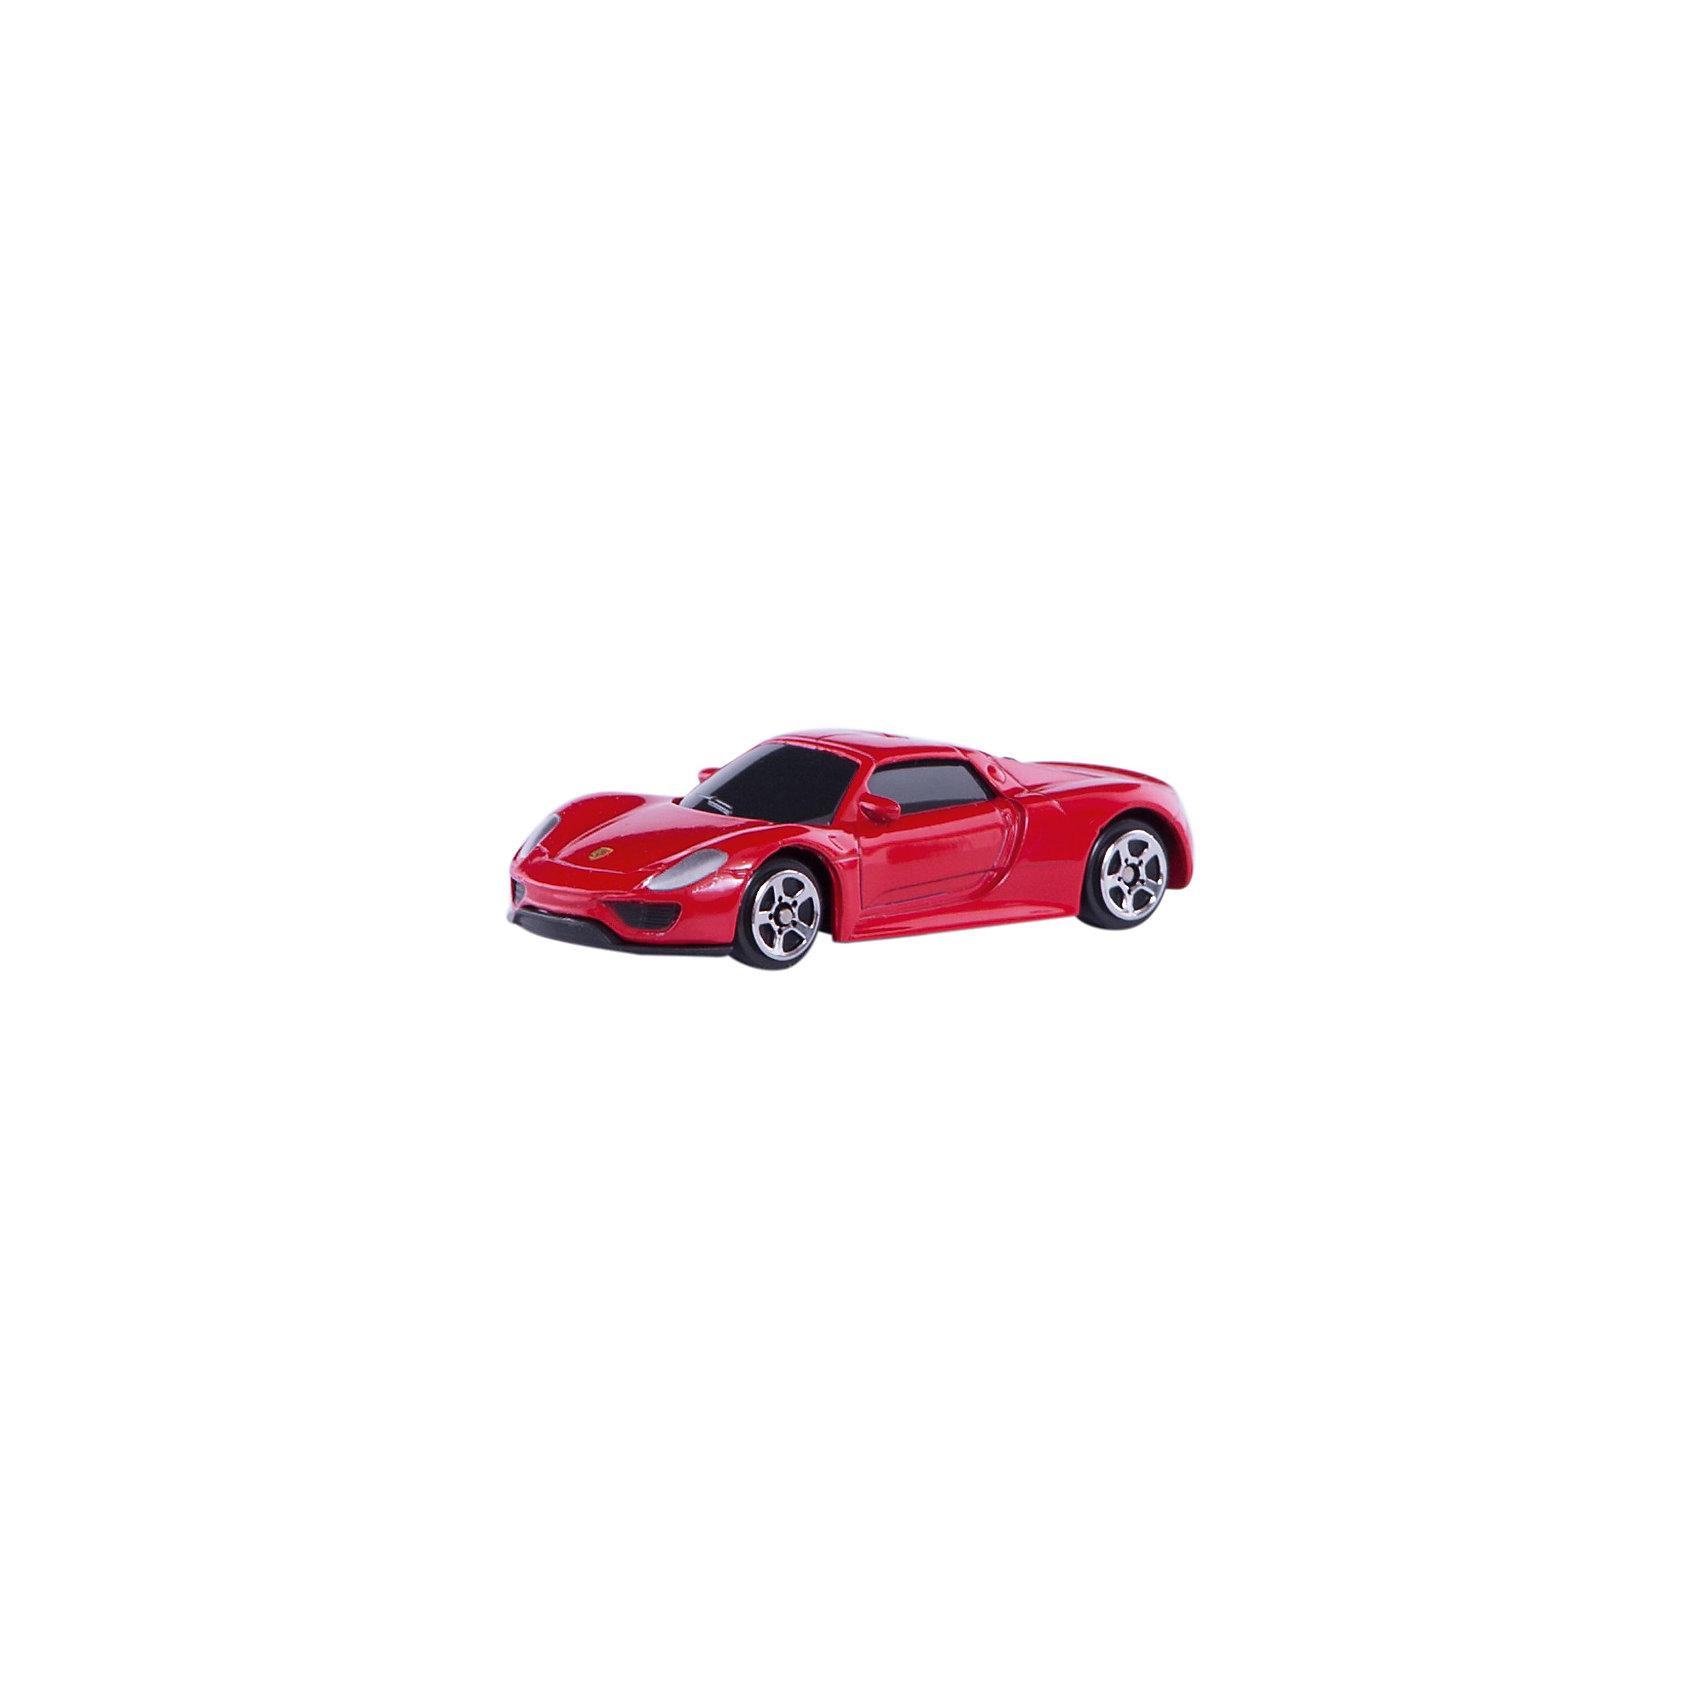 Машинка Porsche 918 Spyder Jeans 3, AutotimeМашинки<br><br><br>Ширина мм: 90<br>Глубина мм: 42<br>Высота мм: 40<br>Вес г: 14<br>Возраст от месяцев: 36<br>Возраст до месяцев: 2147483647<br>Пол: Мужской<br>Возраст: Детский<br>SKU: 5584071